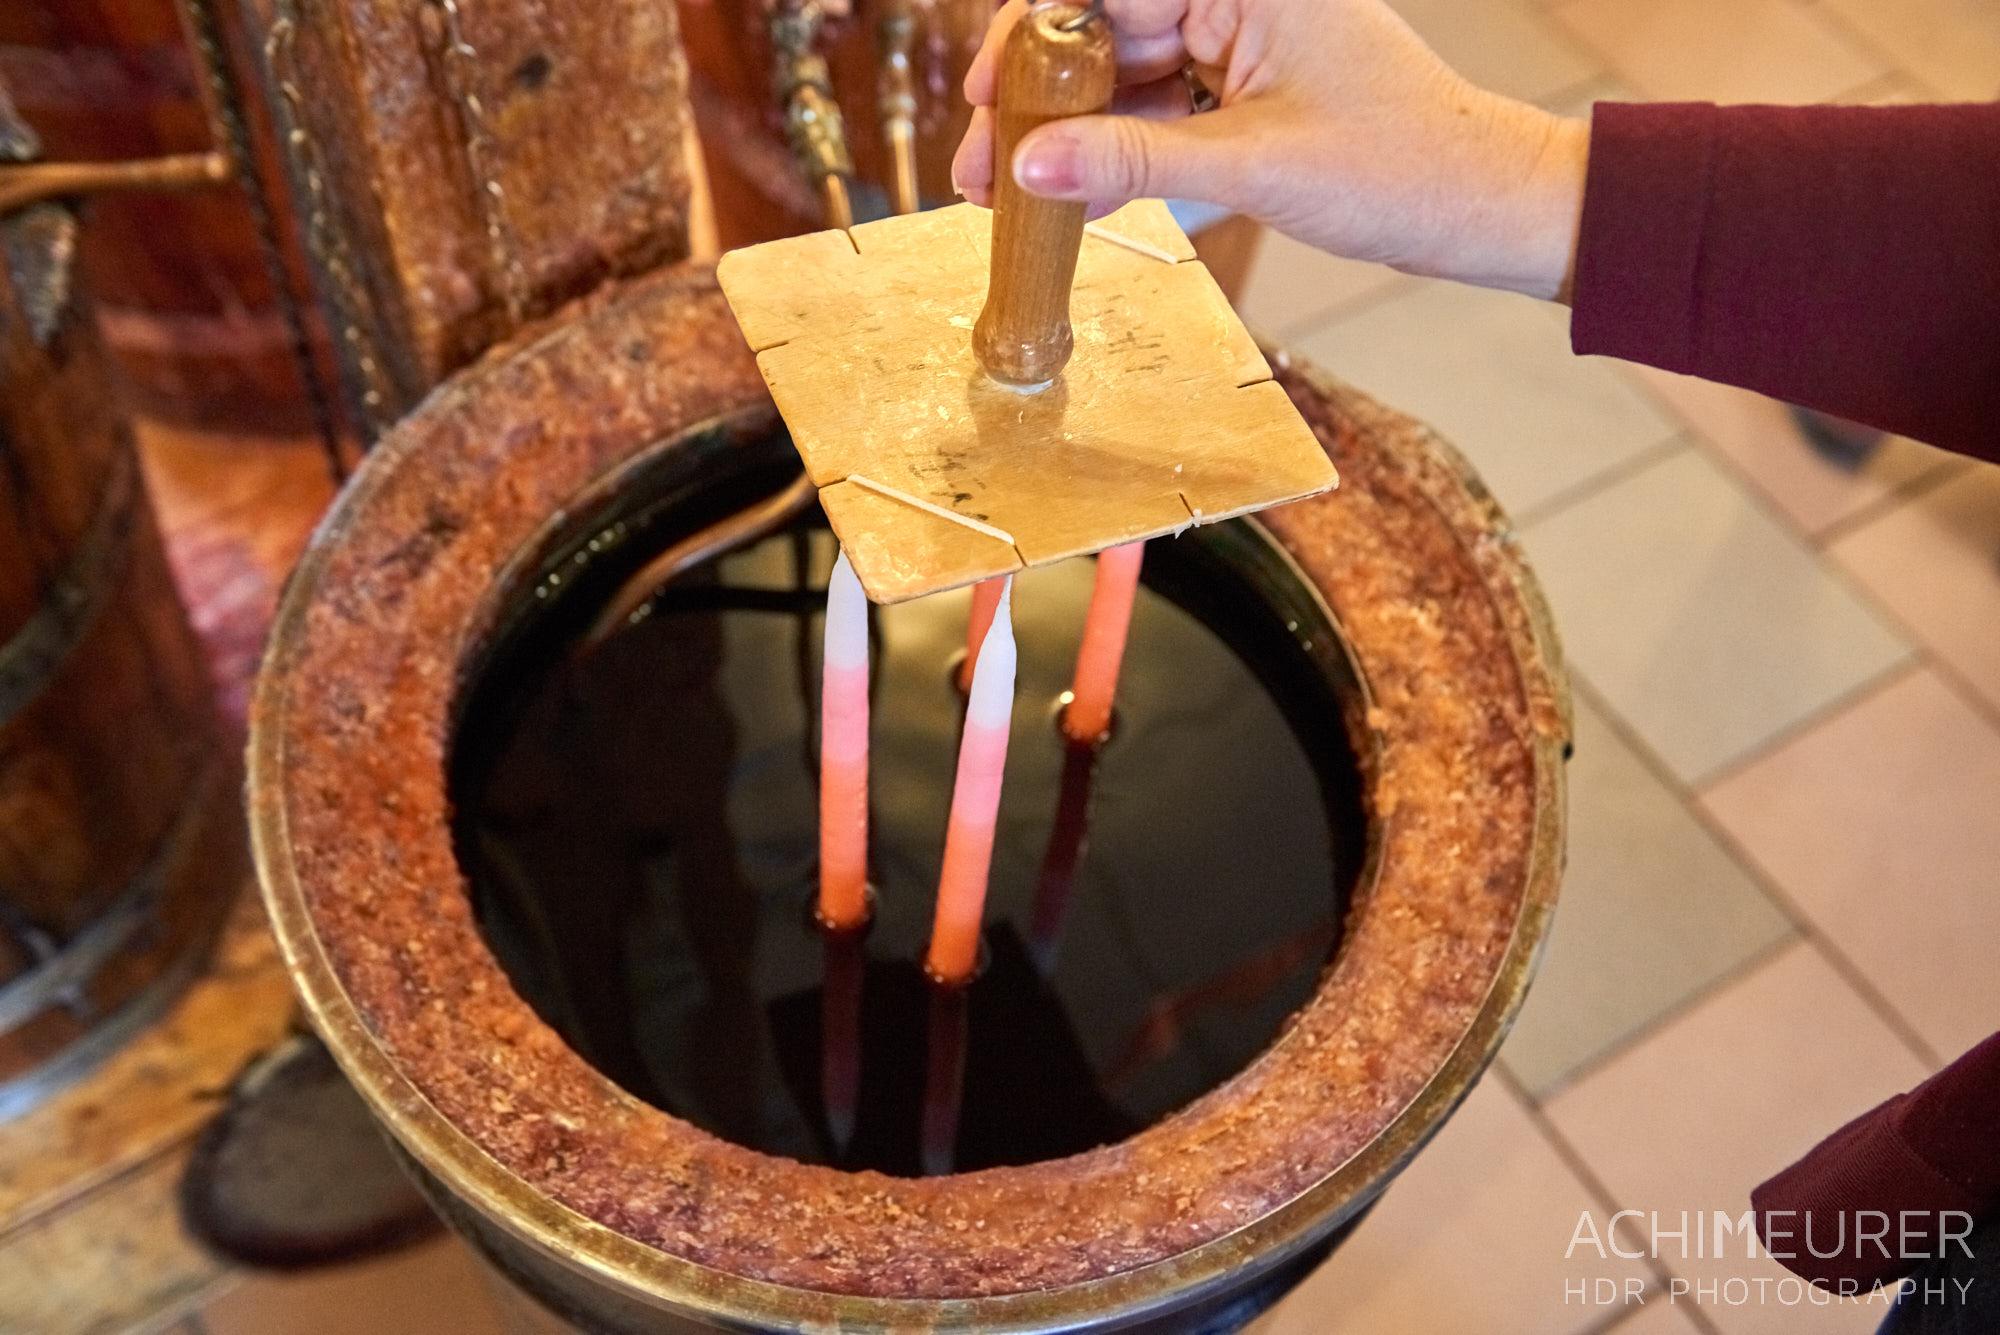 Kerzenziehen in Pirna in der Kerzenfabrik Kerzenträume by AchimMeurer.com                     .